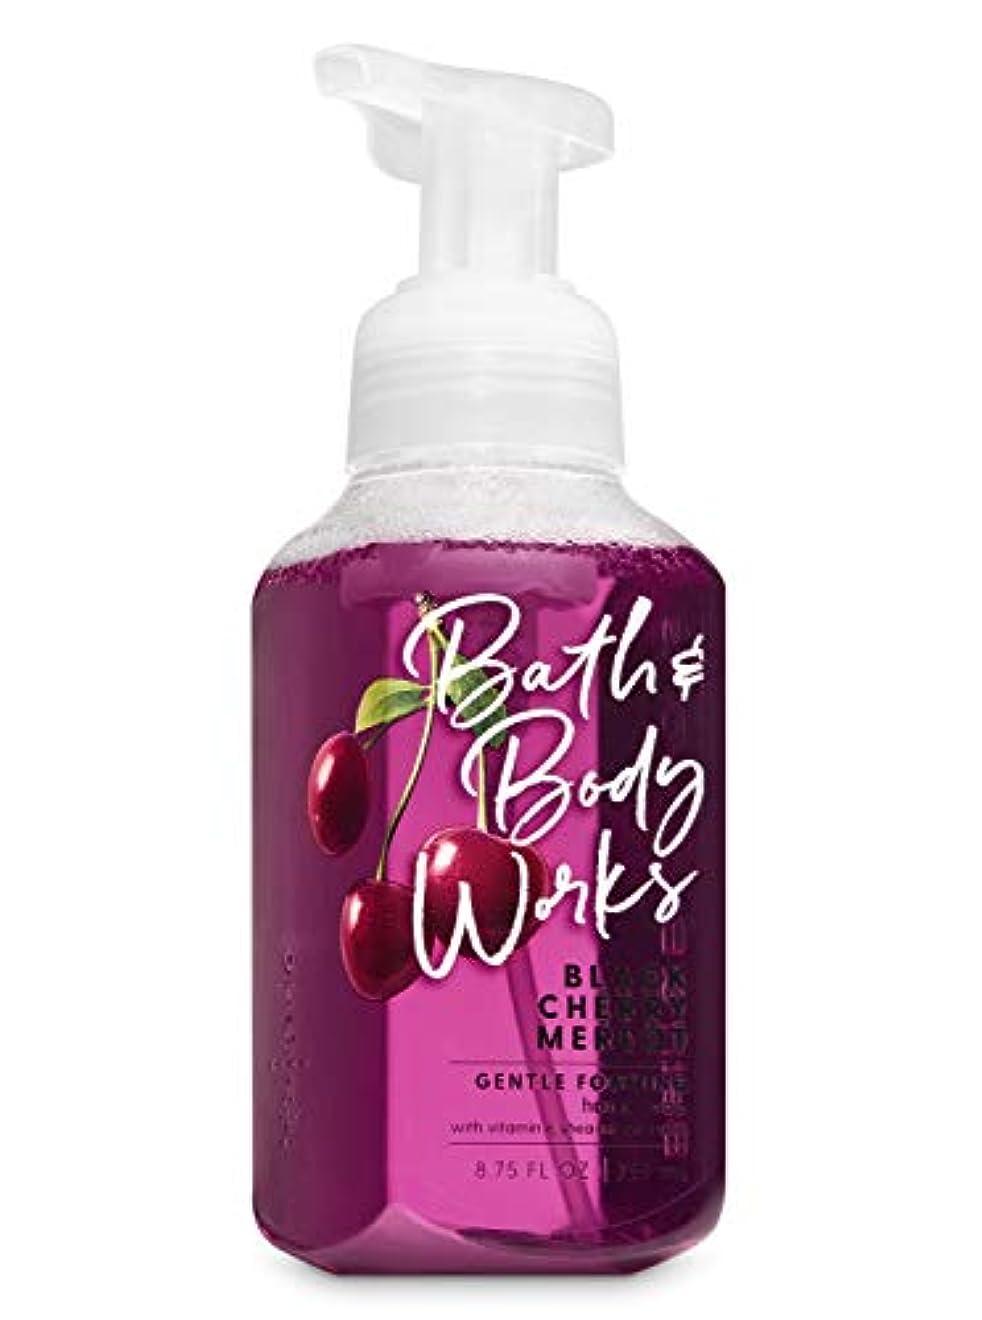 ぬるい蒸気注目すべきバス&ボディワークス ブラックチェリー マーロット ジェントル フォーミング ハンドソープ Black Cherry Merlot Gentle Foaming Hand Soap